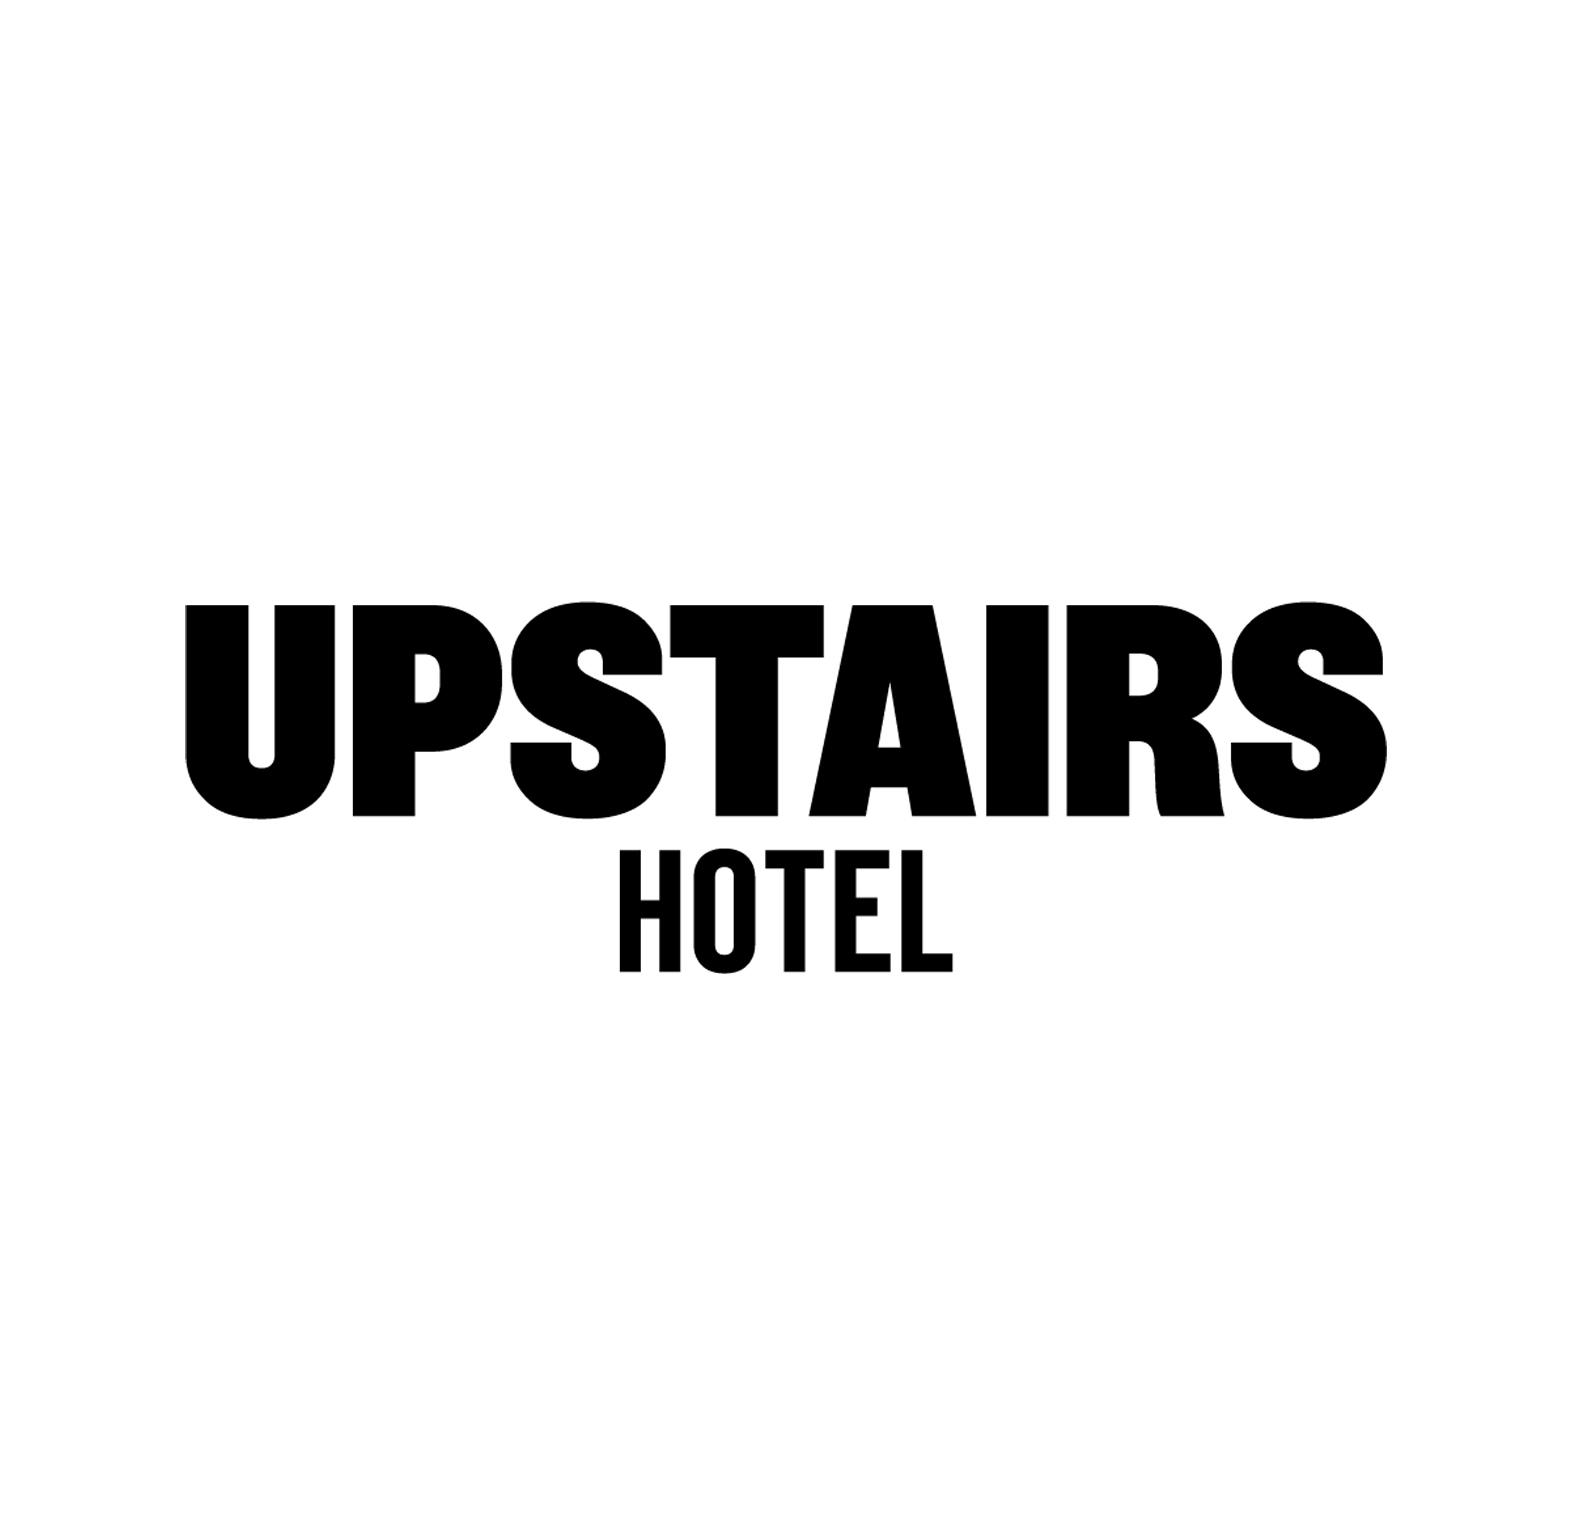 Upstairs Hotel